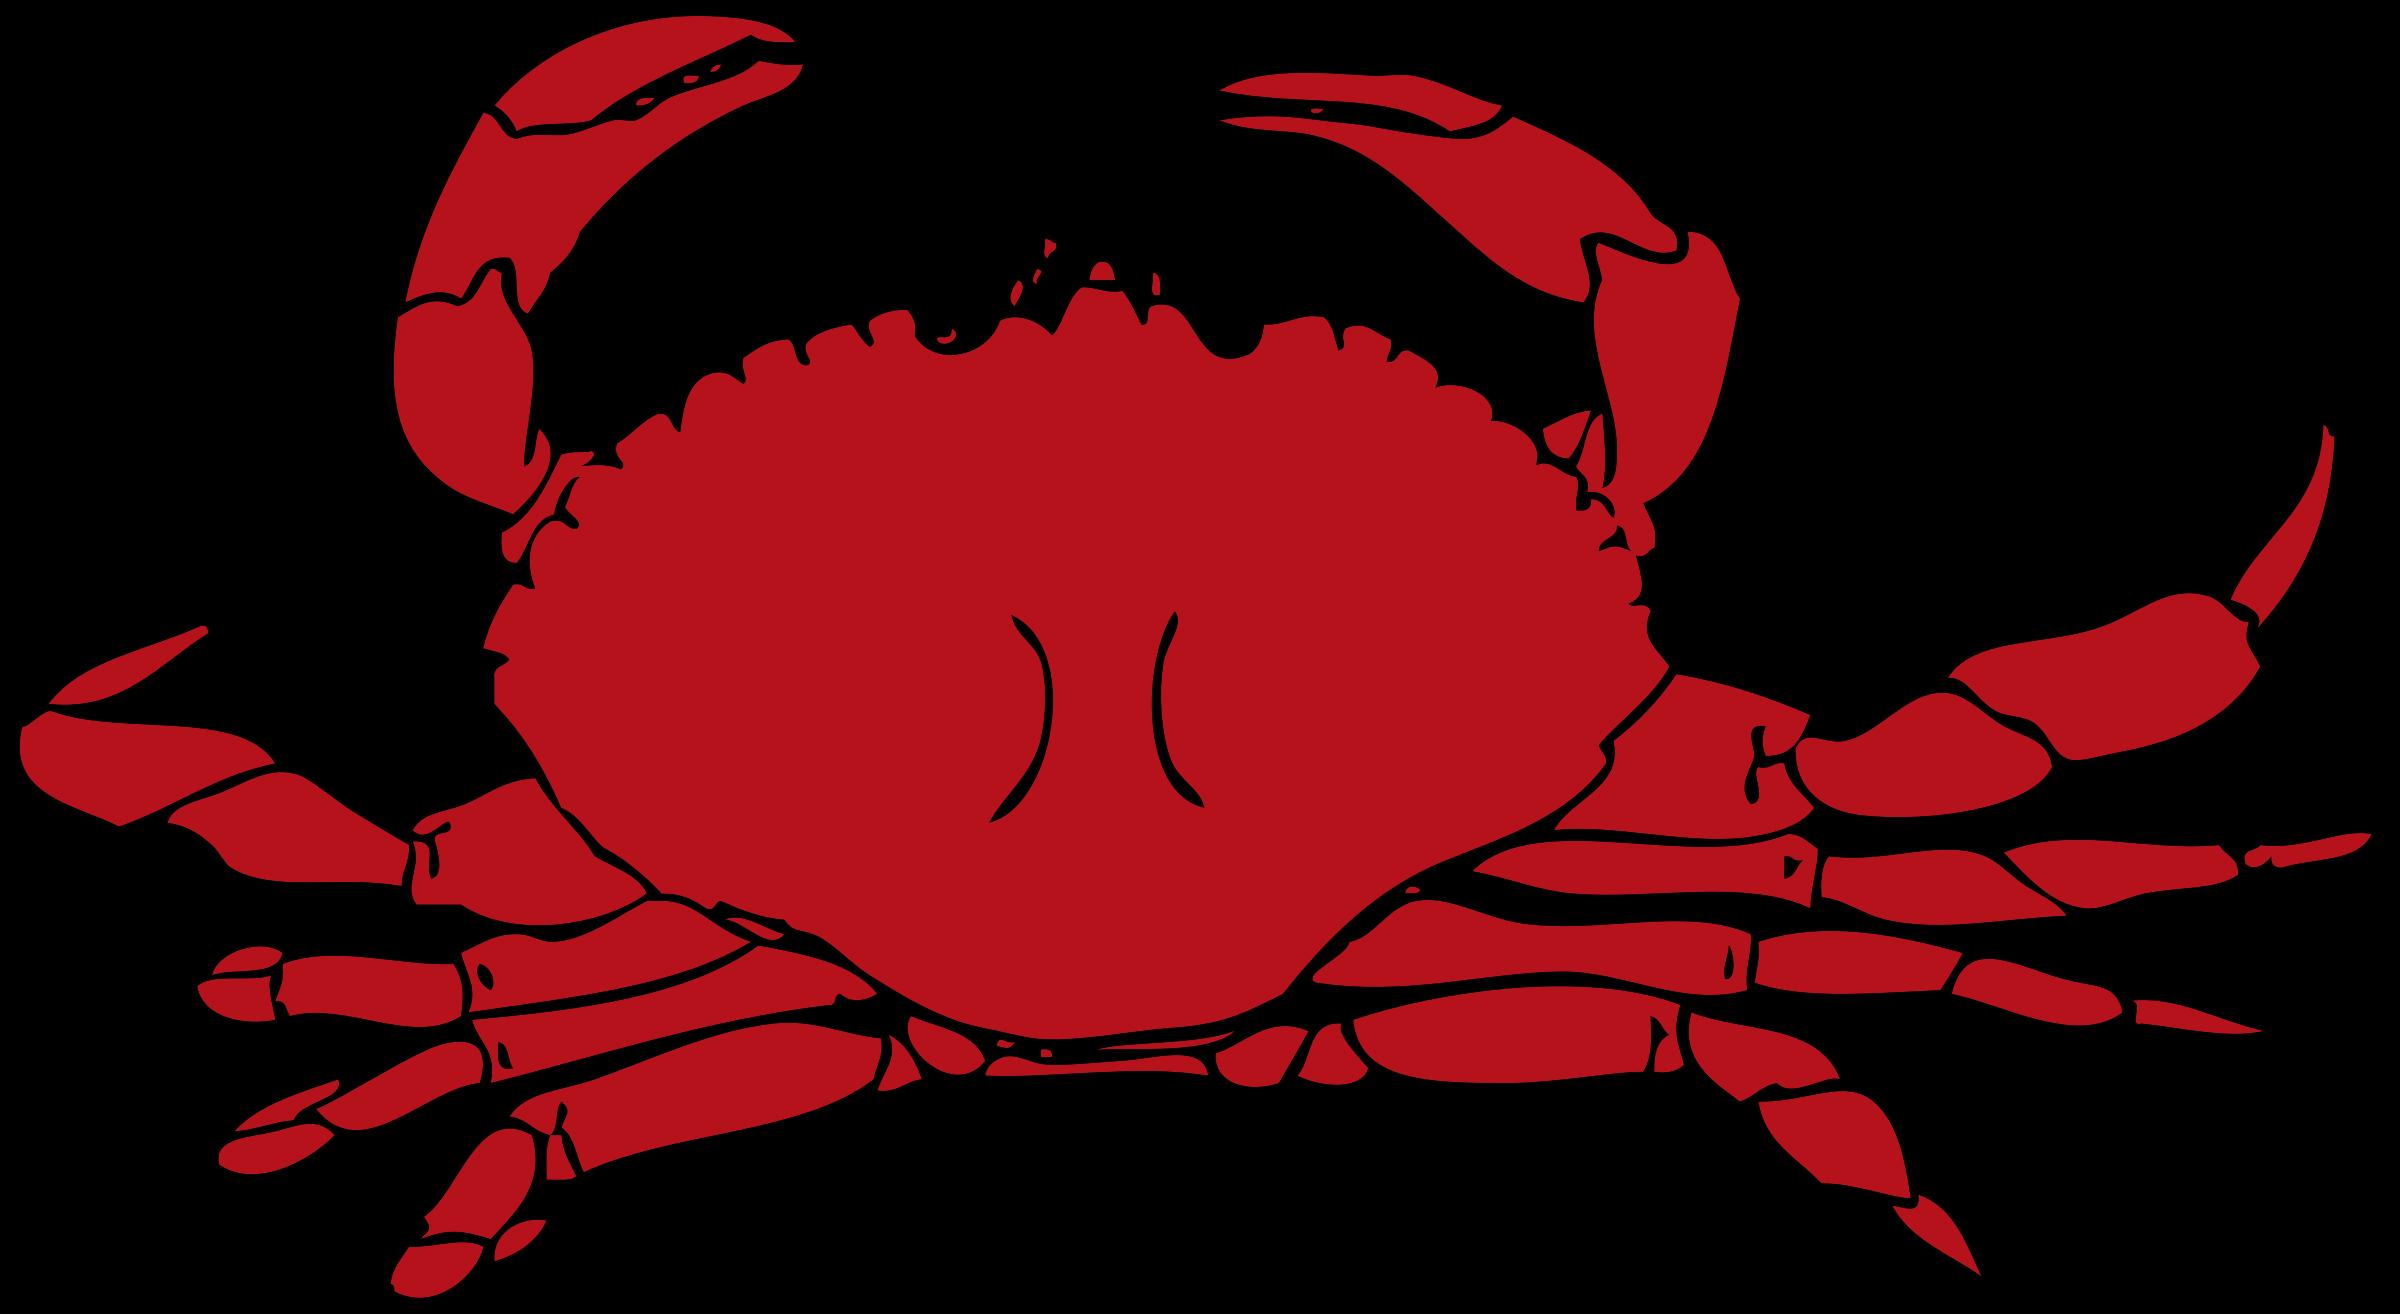 Lobster clipart clip art. Crab